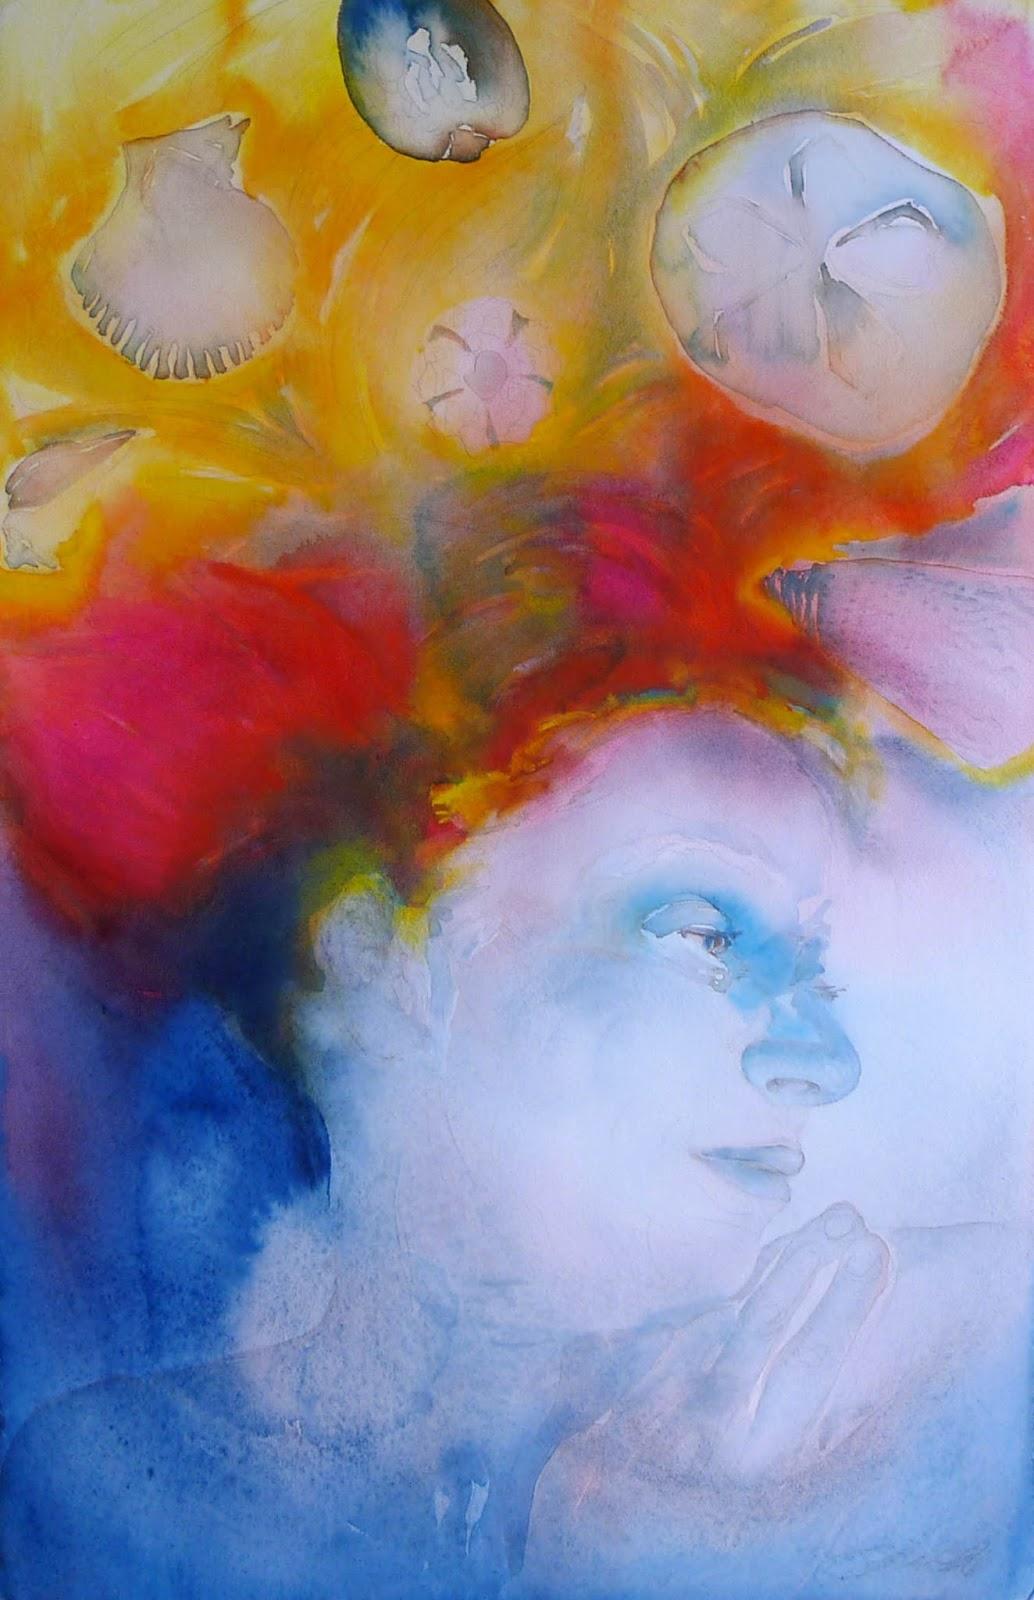 Watercolor artist magazine palm coast fl - I Dream In Color Watercolor